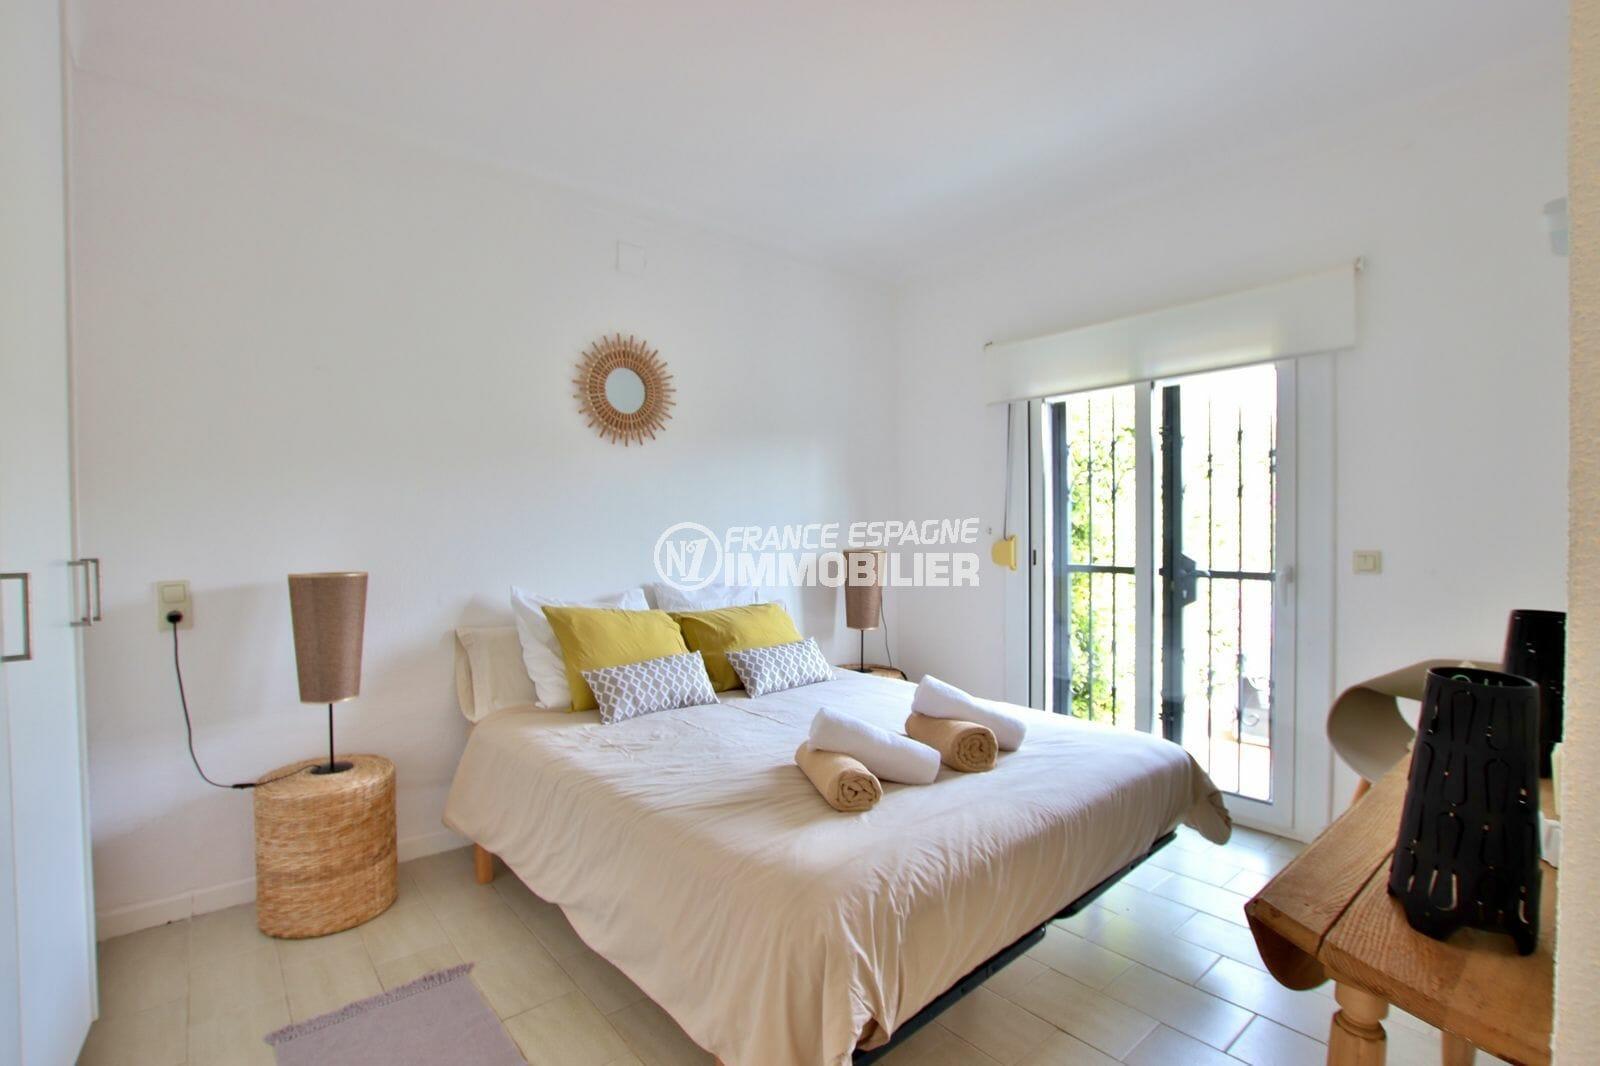 agence immobiliere costa brava espagne: villa 94 m², chambre 4 avec lit double et placards